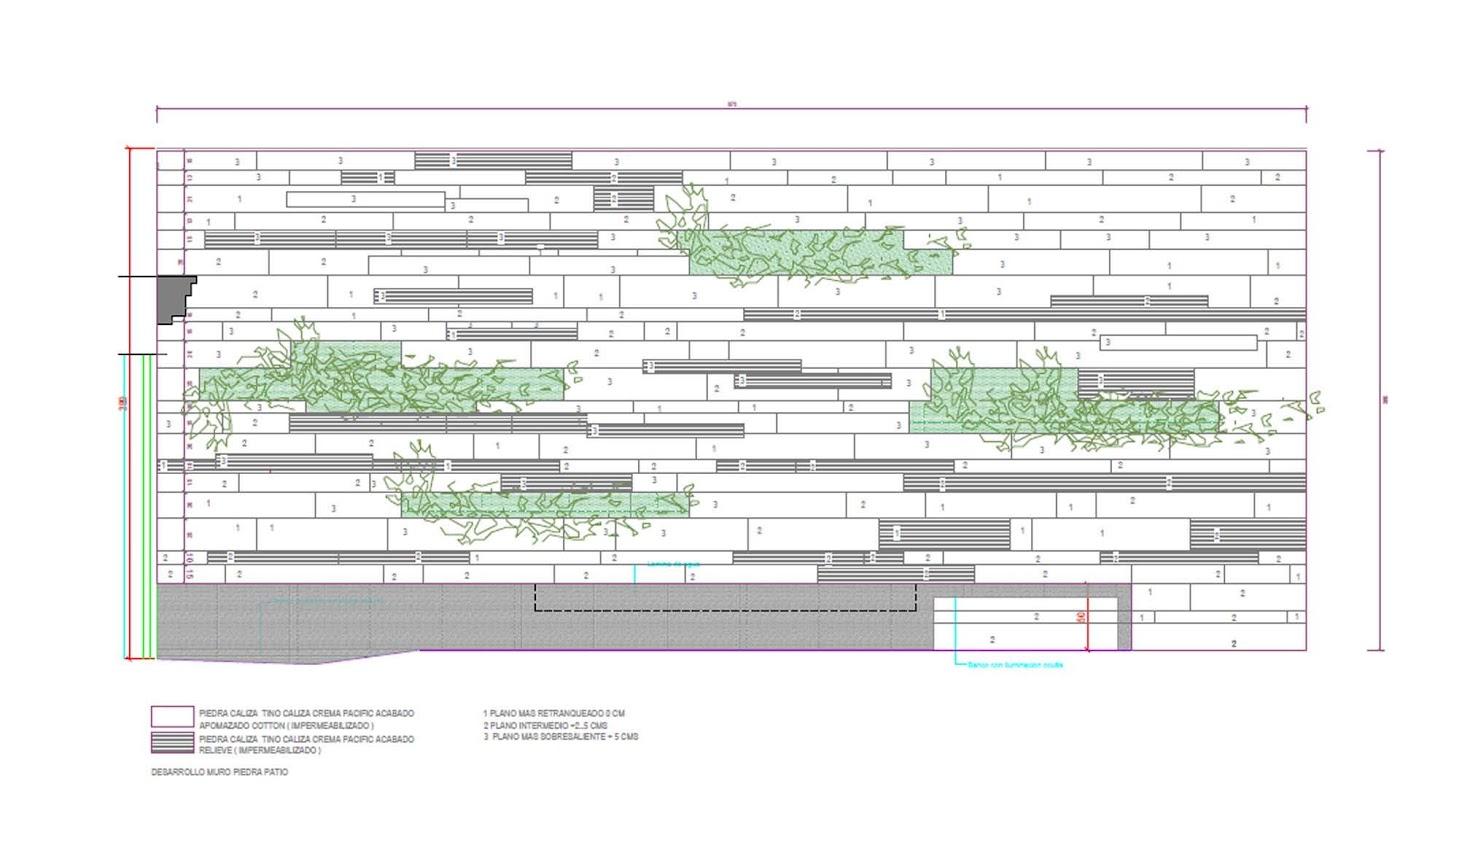 plano del diseño del jardín vertical en Granada